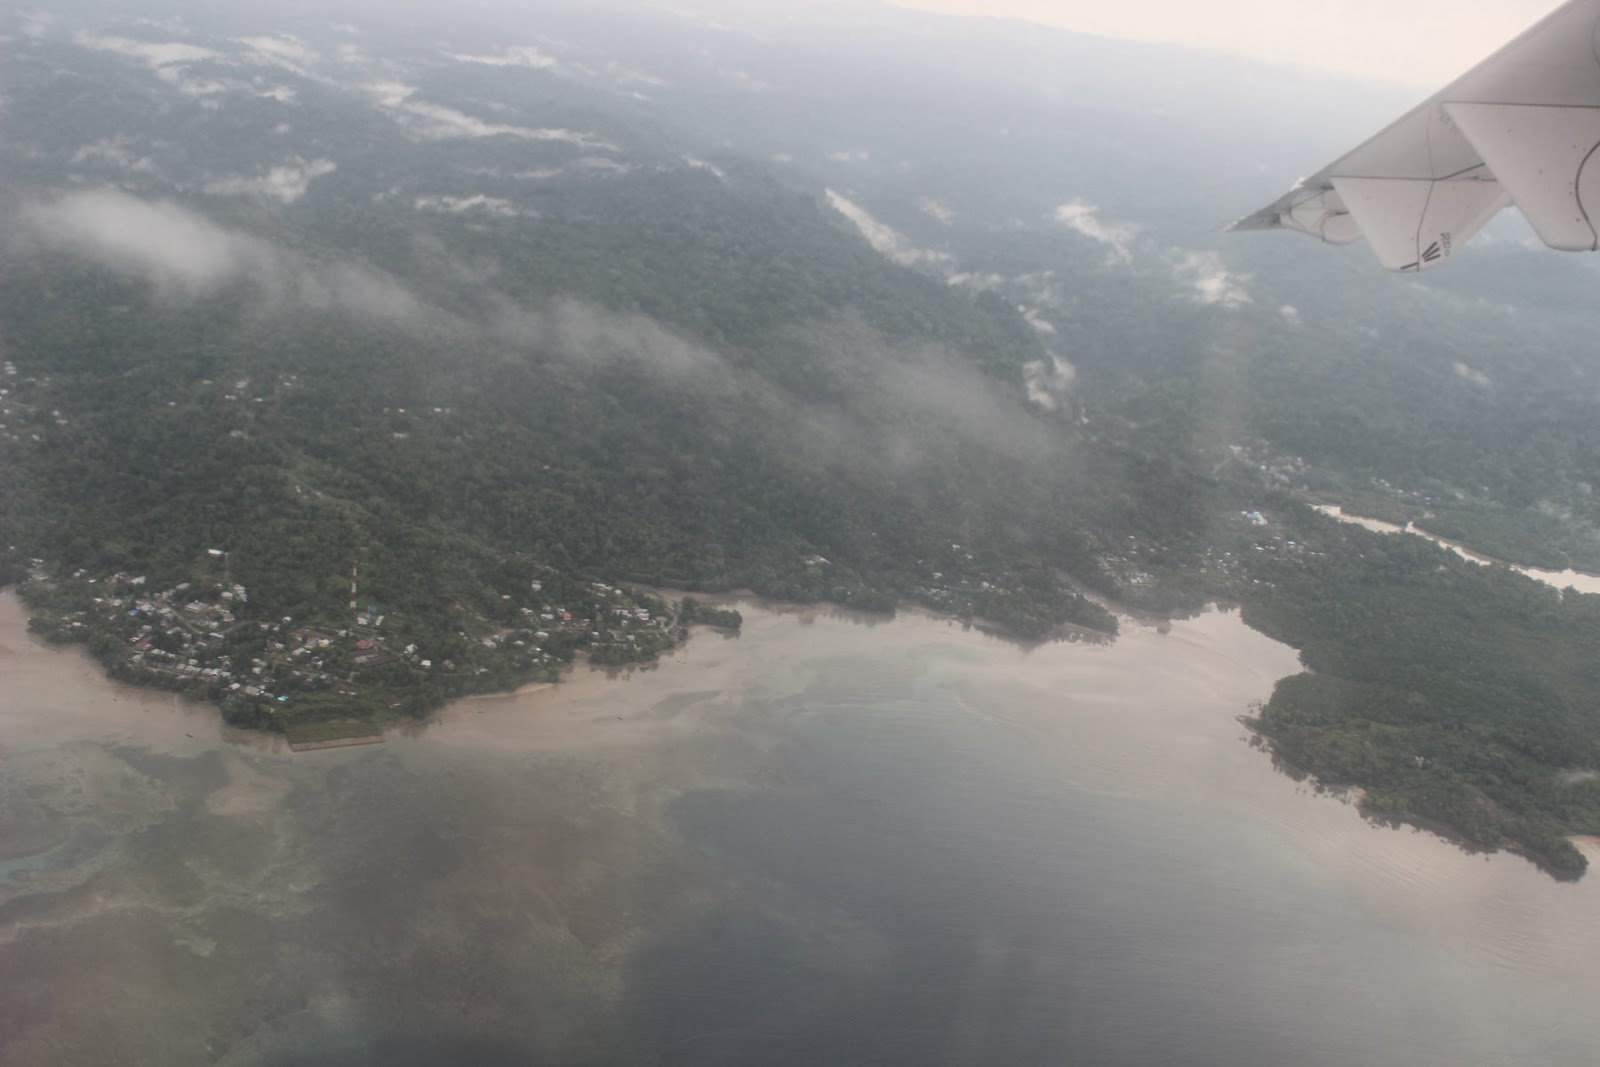 Gambar Kota Fak Fak dari Udara tahun 2014 - Ardi La Madi's ...